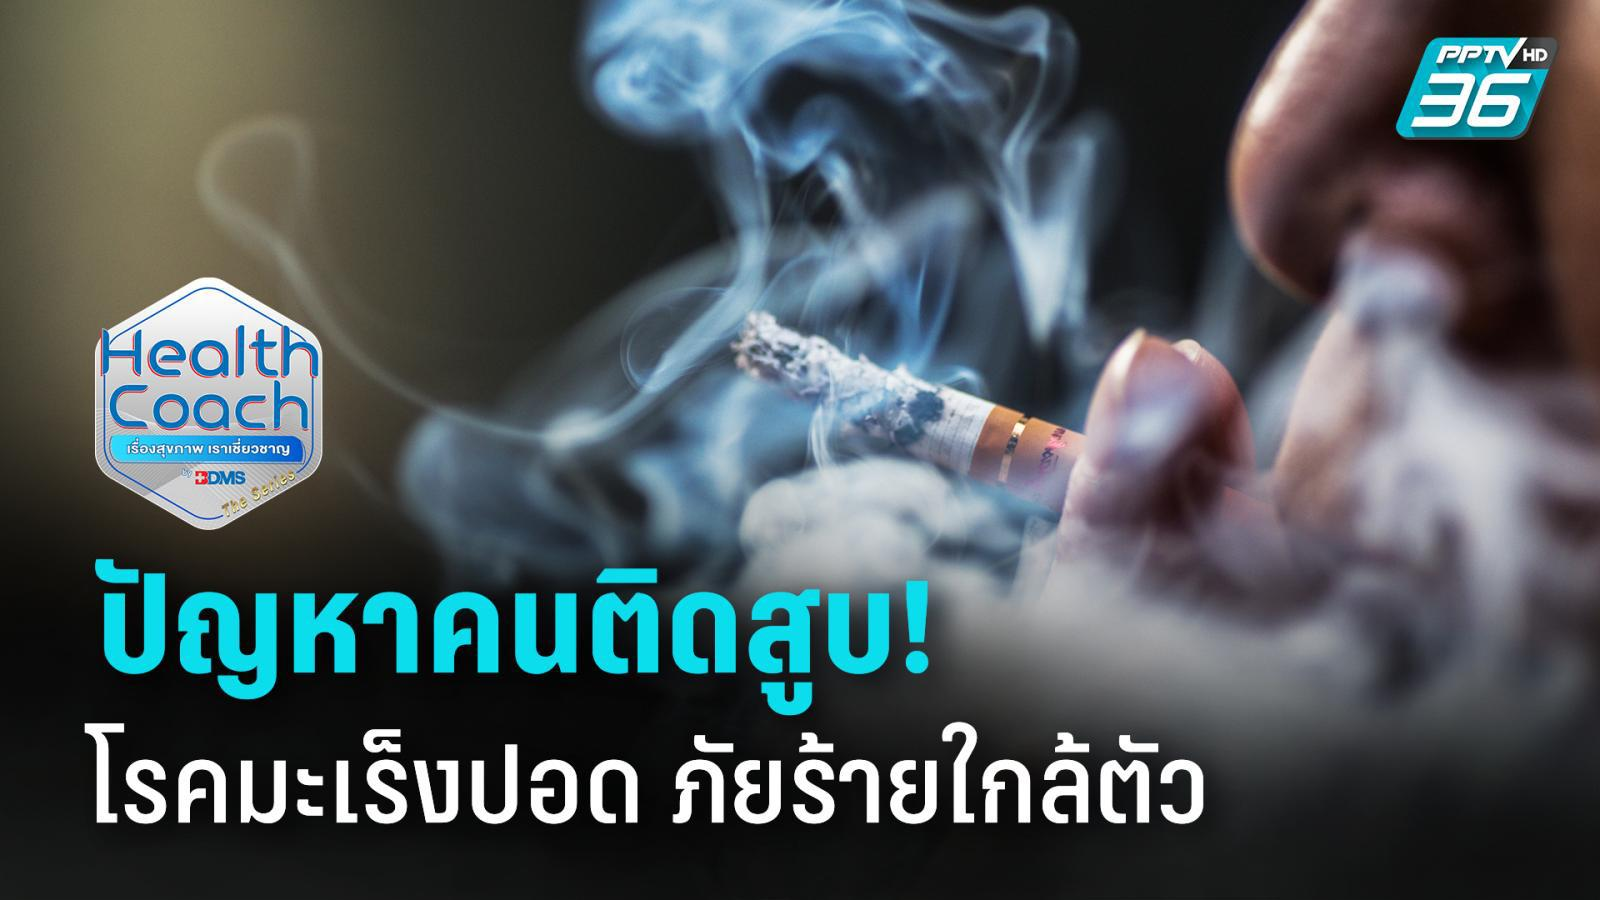 ปัญหาคนติดสูบ! โรคมะเร็งปอด ภัยร้ายใกล้ตัว